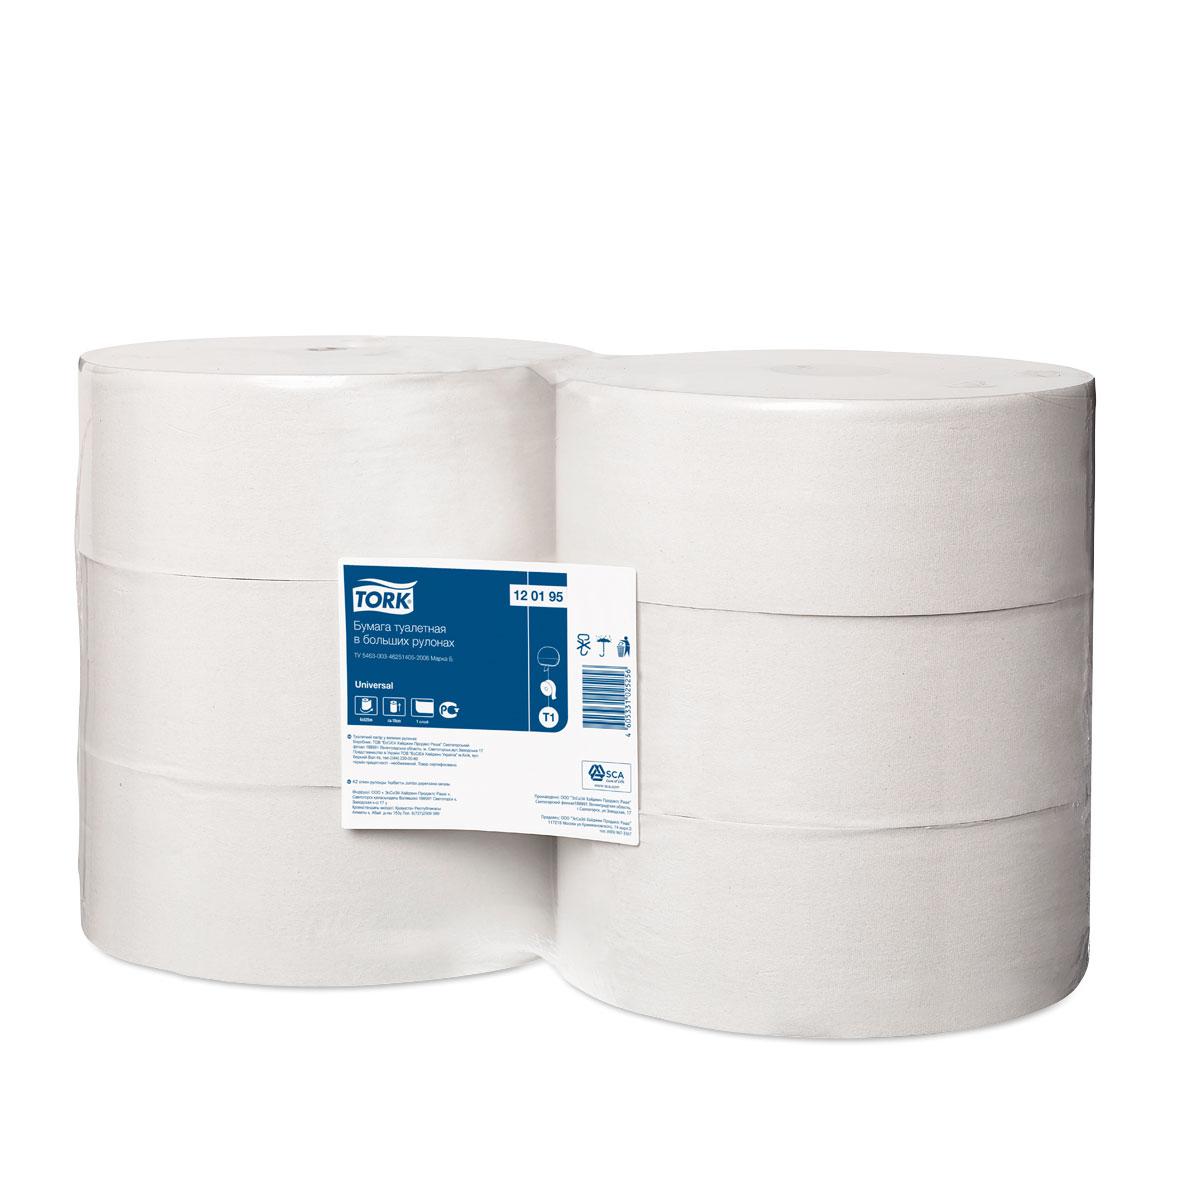 Tork туалетная бумага в больших рулонах 1-сл 525м, коробка 6 шт120095Туалетная бумага Торк в больших рулонах, однослойная. Подходит для туалетных комнат очень высокой проходимости: - Высокая емкость: минимум обслуживания - Экономичная длина рулона Система Т1. Категория качества – Universal. Состоит из переработанного сырья. Цвет - натуральный. Без перфорации. Длина рулона 525 м, ширина 10см. В 1 коробке 6 рулонов.